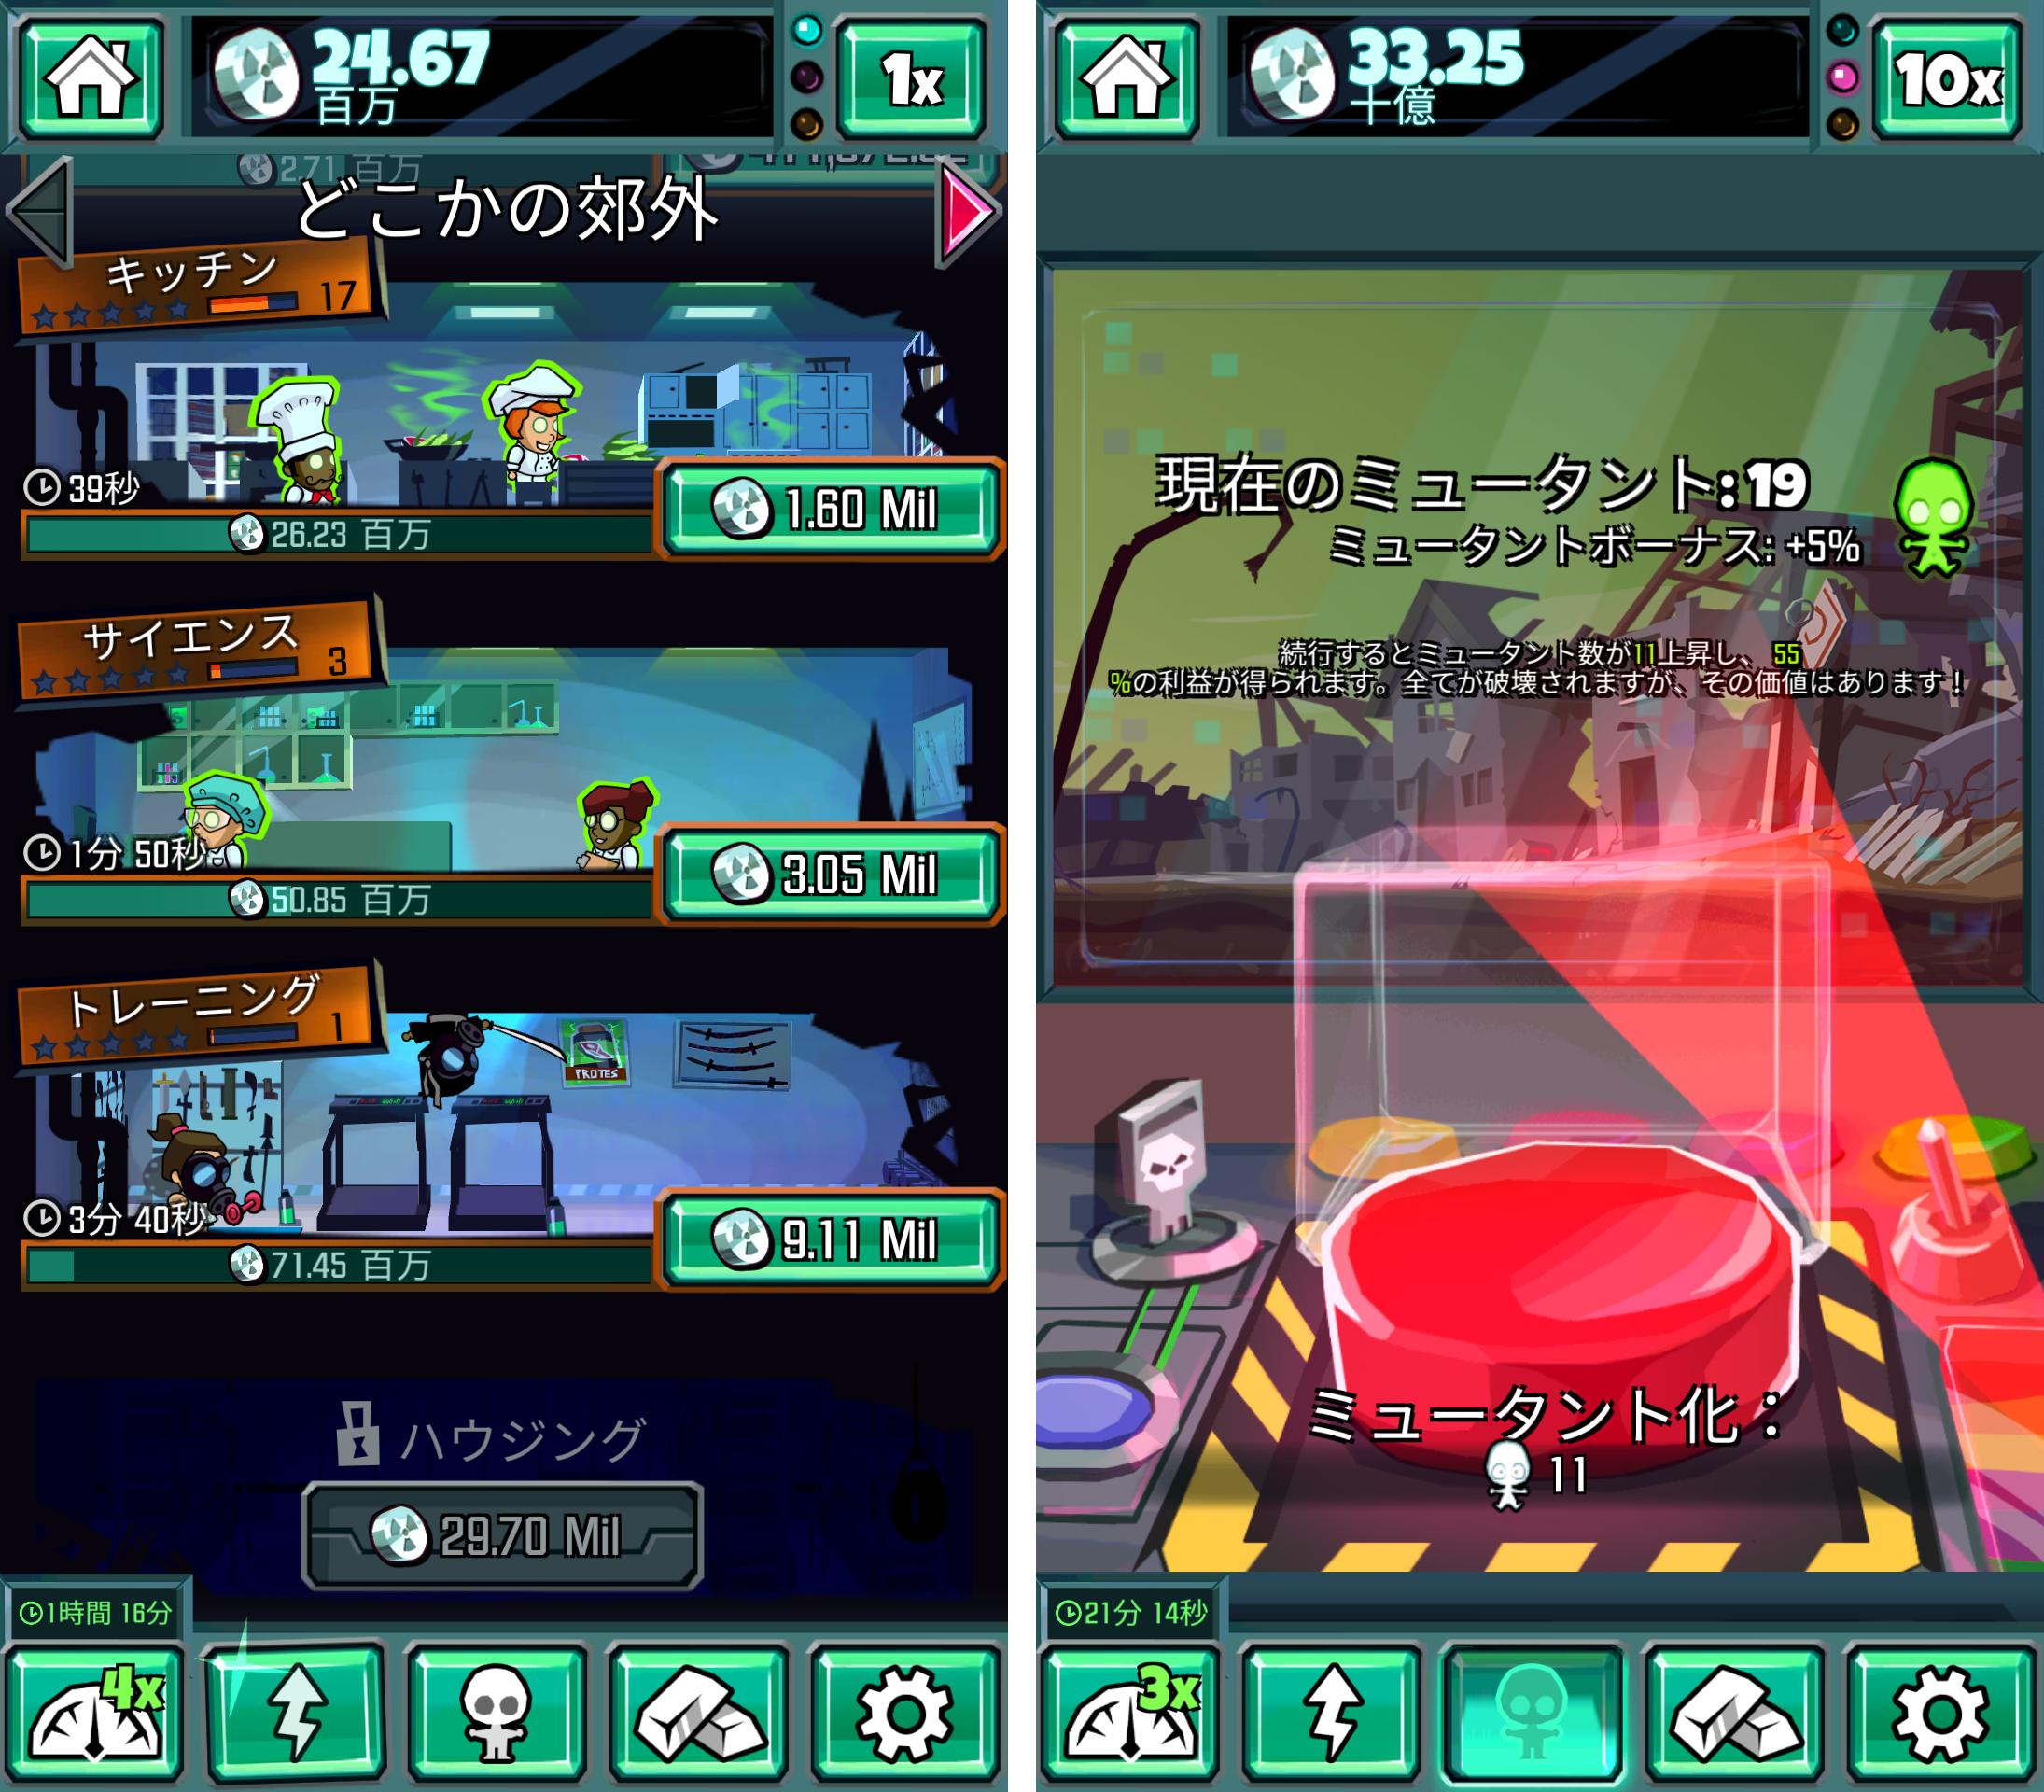 終末クリッカー(Doomsday Clicker) androidアプリスクリーンショット3